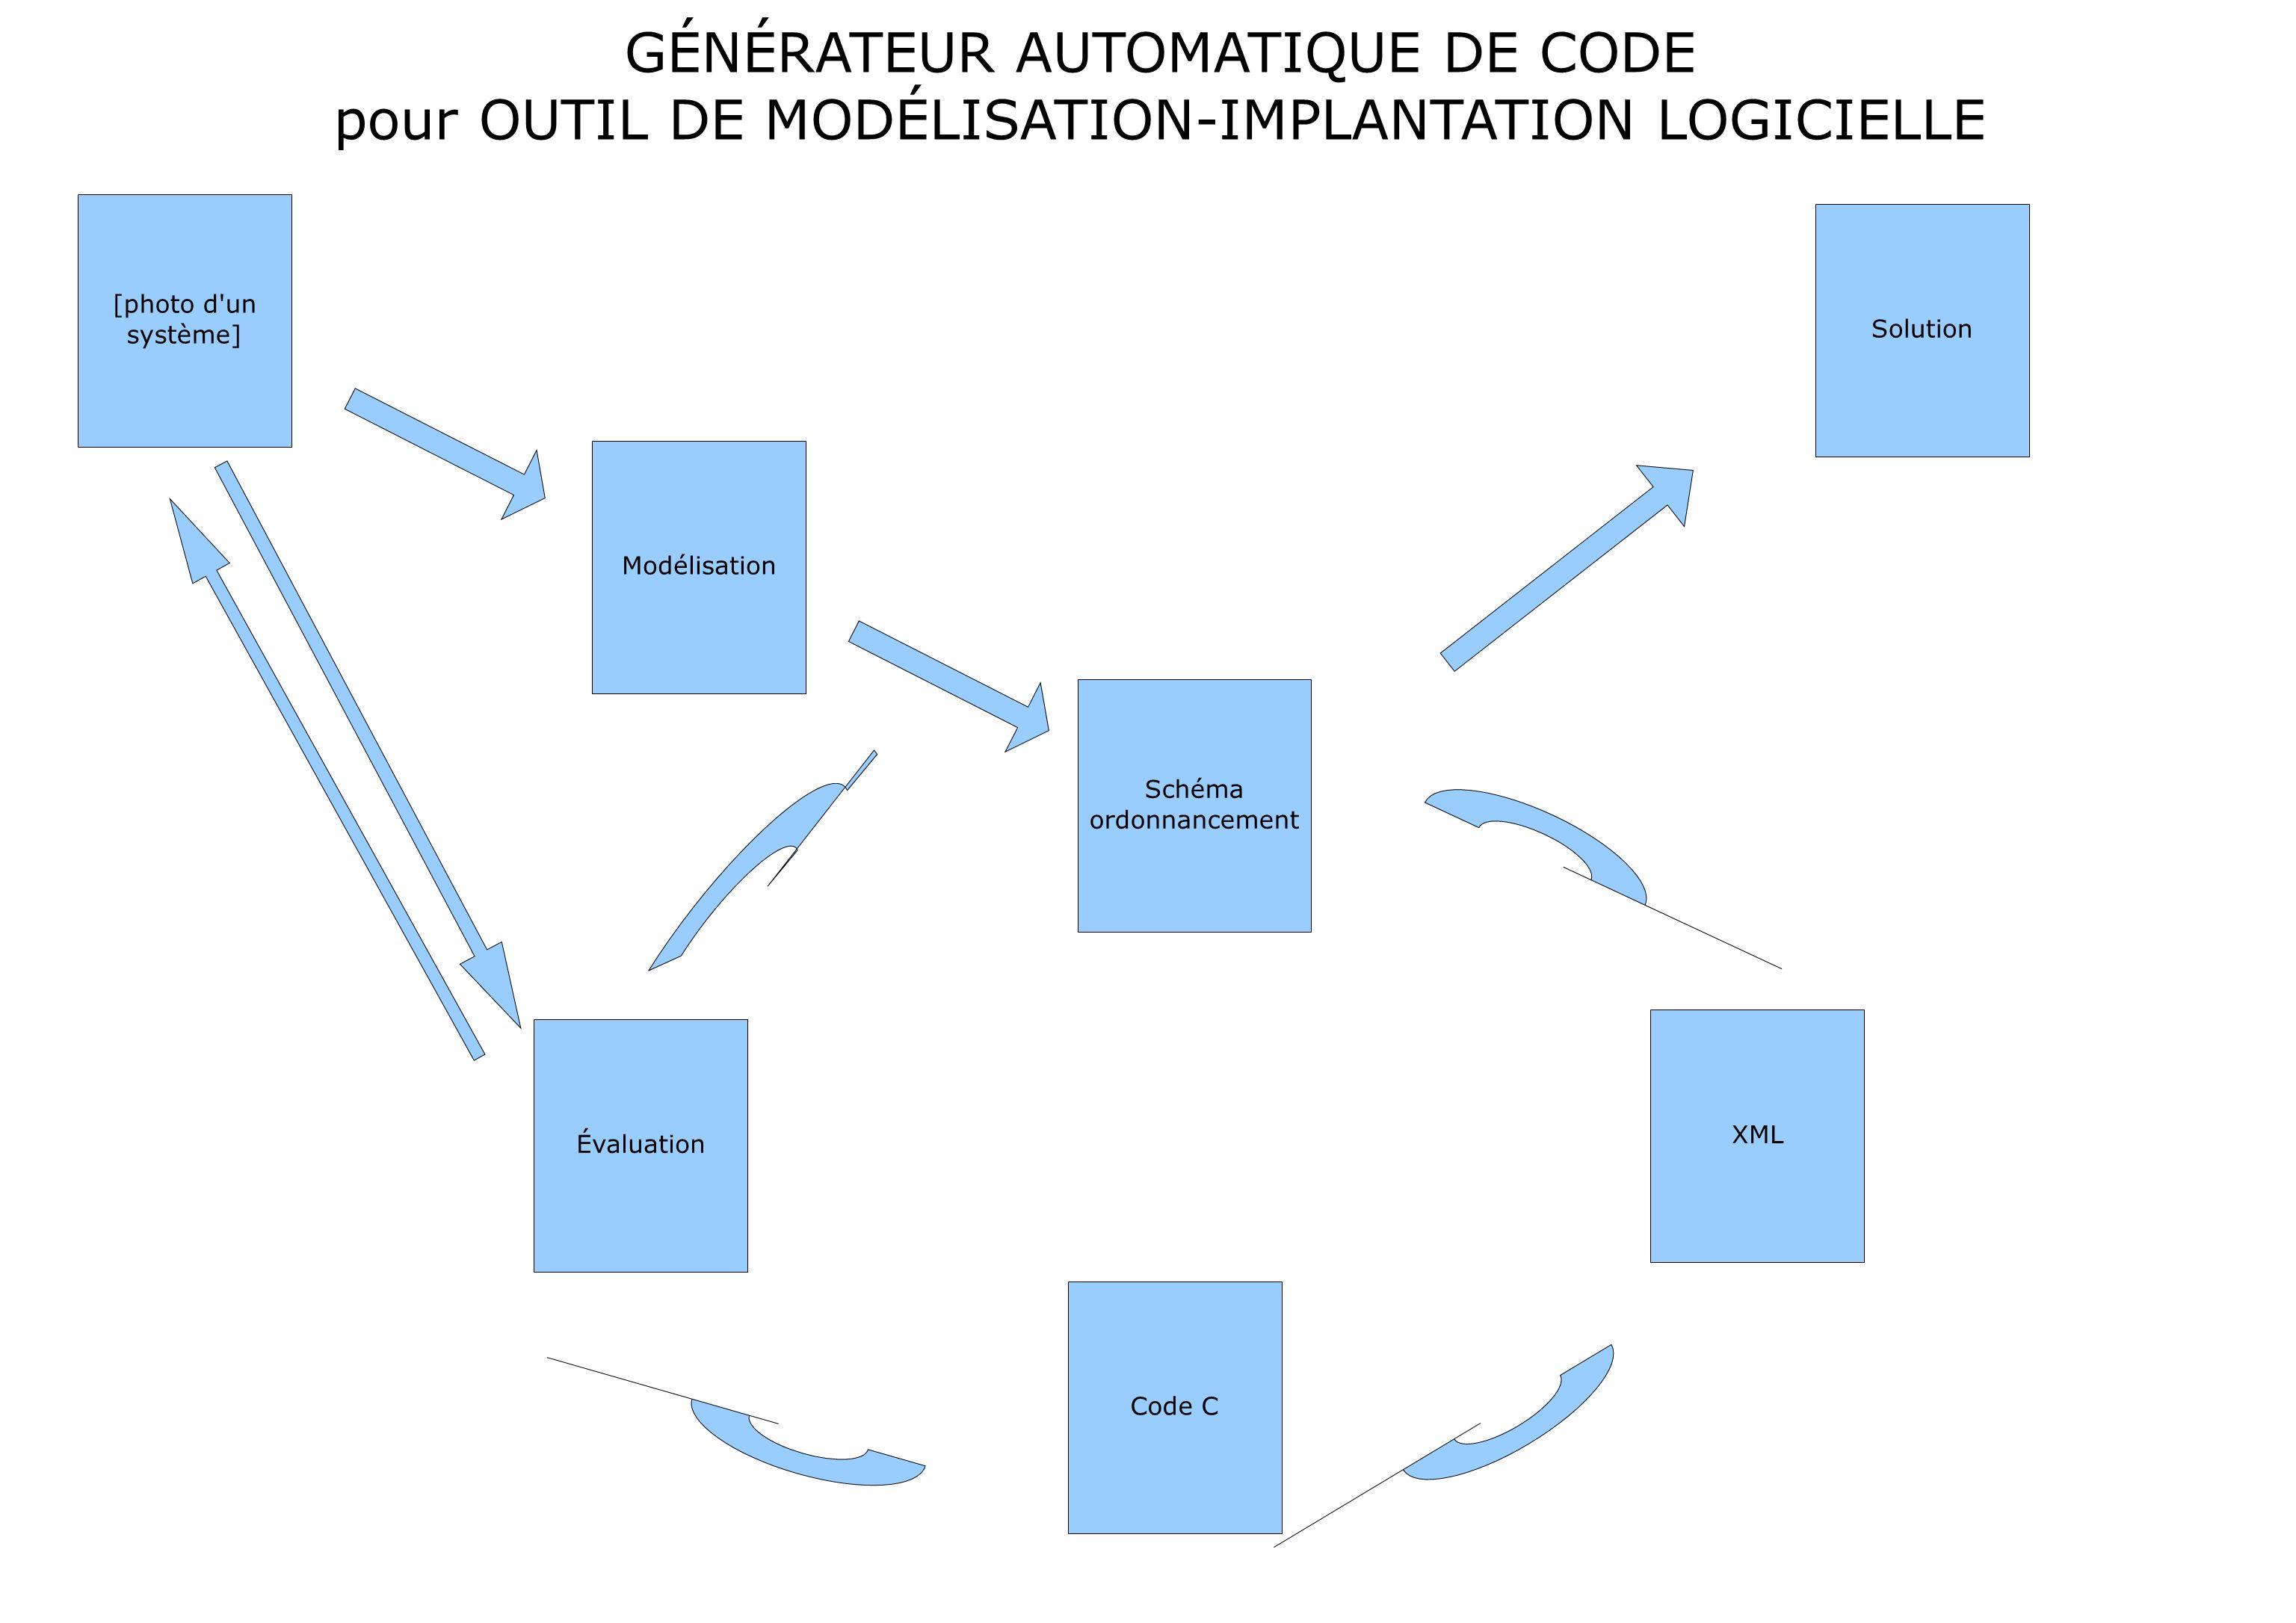 GÉNÉRATEUR AUTOMATIQUE DE CODE pour OUTIL DE MODÉLISATION-IMPLANTATION LOGICIELLE Système à commander (moteur) Système à commander (moteur) Modélisation Algorithme de contrôle graphe tâches, IC, (graphe tâches, IC, dépendance de données) Algorithme de contrôle graphe tâches, IC, (graphe tâches, IC, dépendance de données) XML (macro-code) XML (macro-code) processeur XSLT Java Java processeur XSLT langage C Code C-RTAI - implantation sur processeur (photo) - comportement du système (courbe d évolution des grandeurs physiques à contrôler) - chronogramme d exécution des tâches - implantation sur processeur (photo) - comportement du système (courbe d évolution des grandeurs physiques à contrôler) - chronogramme d exécution des tâches XSL SPÉCIFICATION GÉNÉRATION DE CODE ÉVALUATION